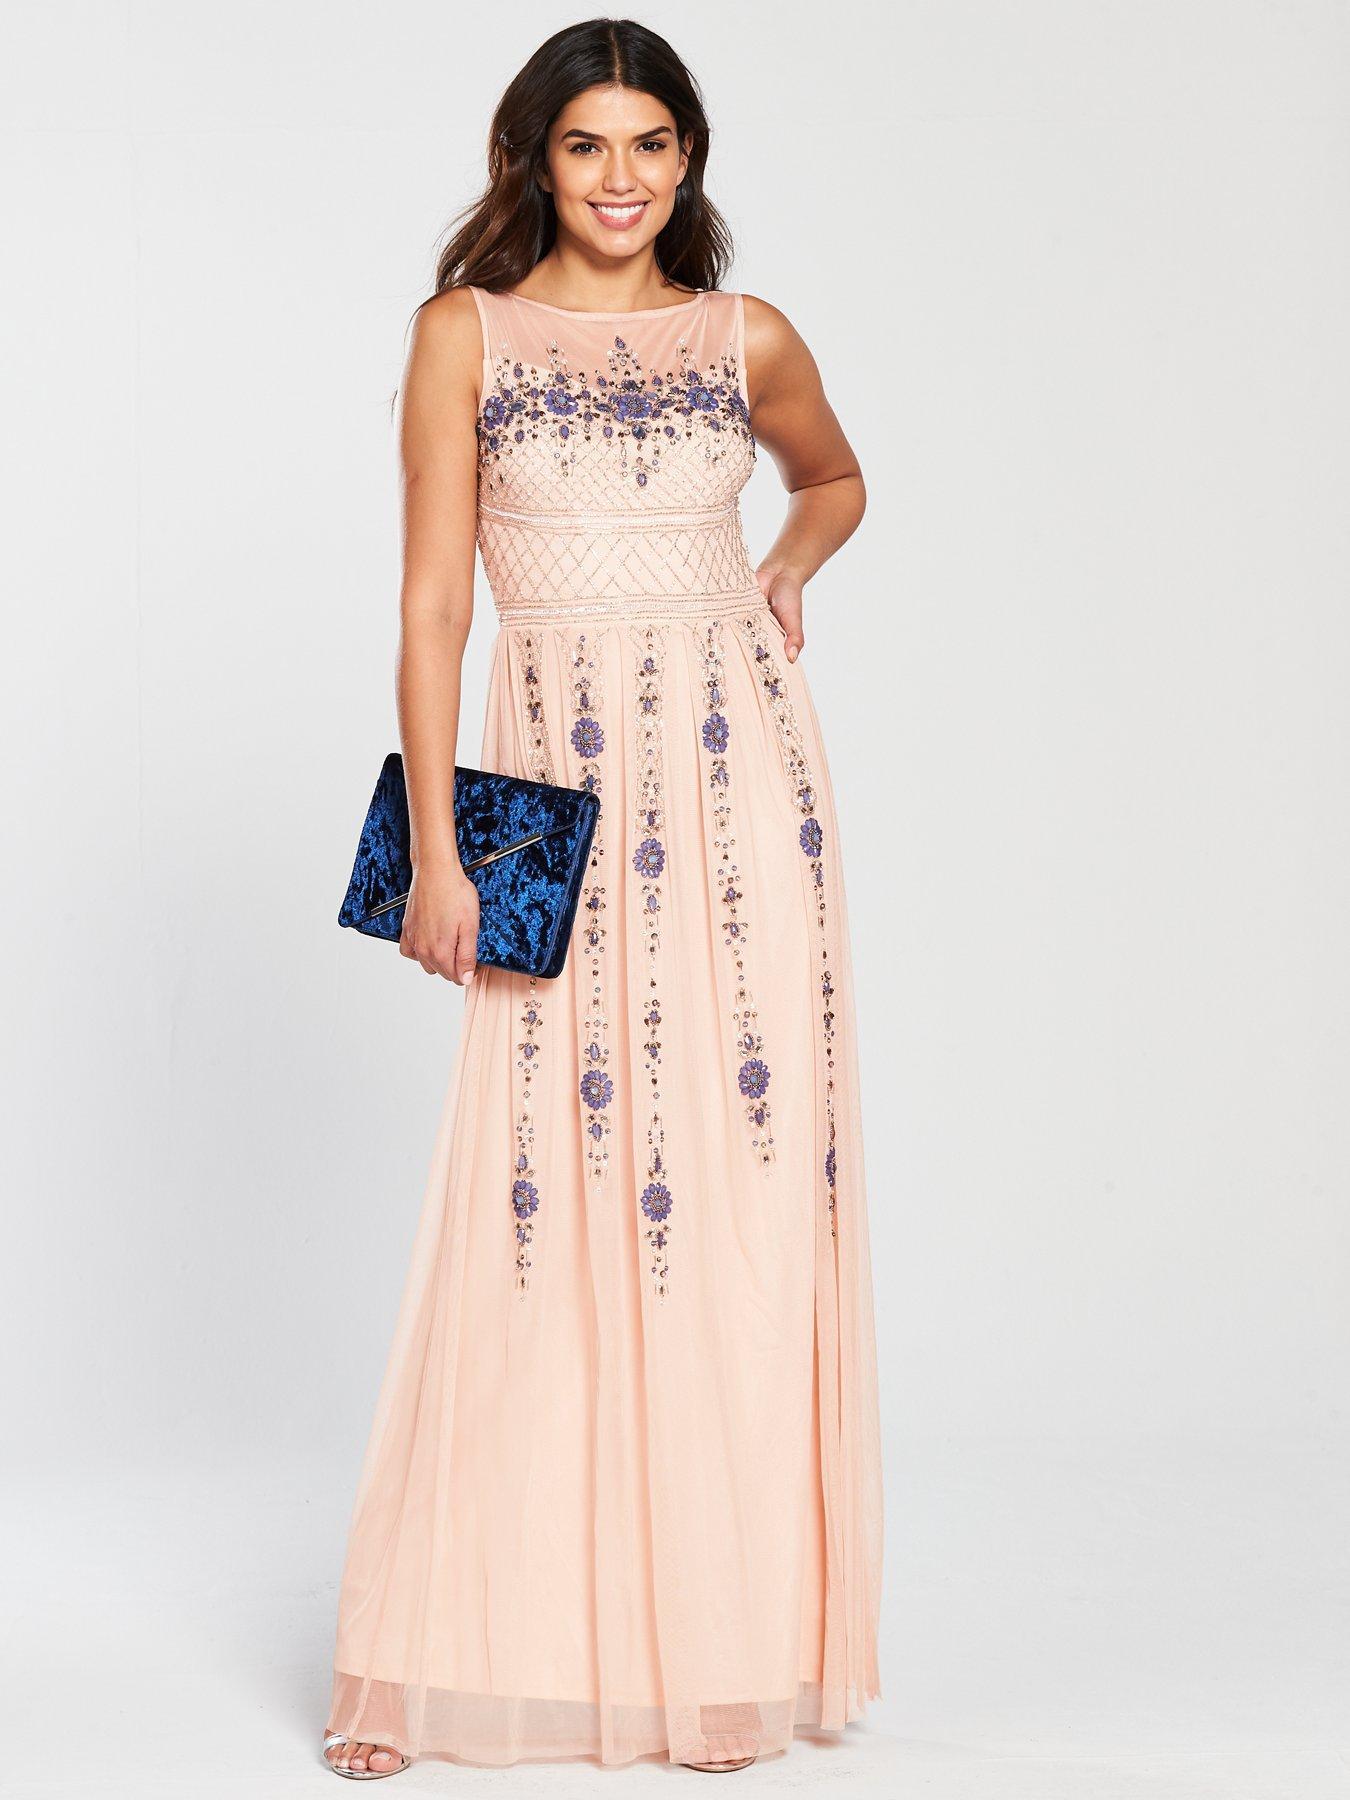 Summer beach maxi dresses uk online